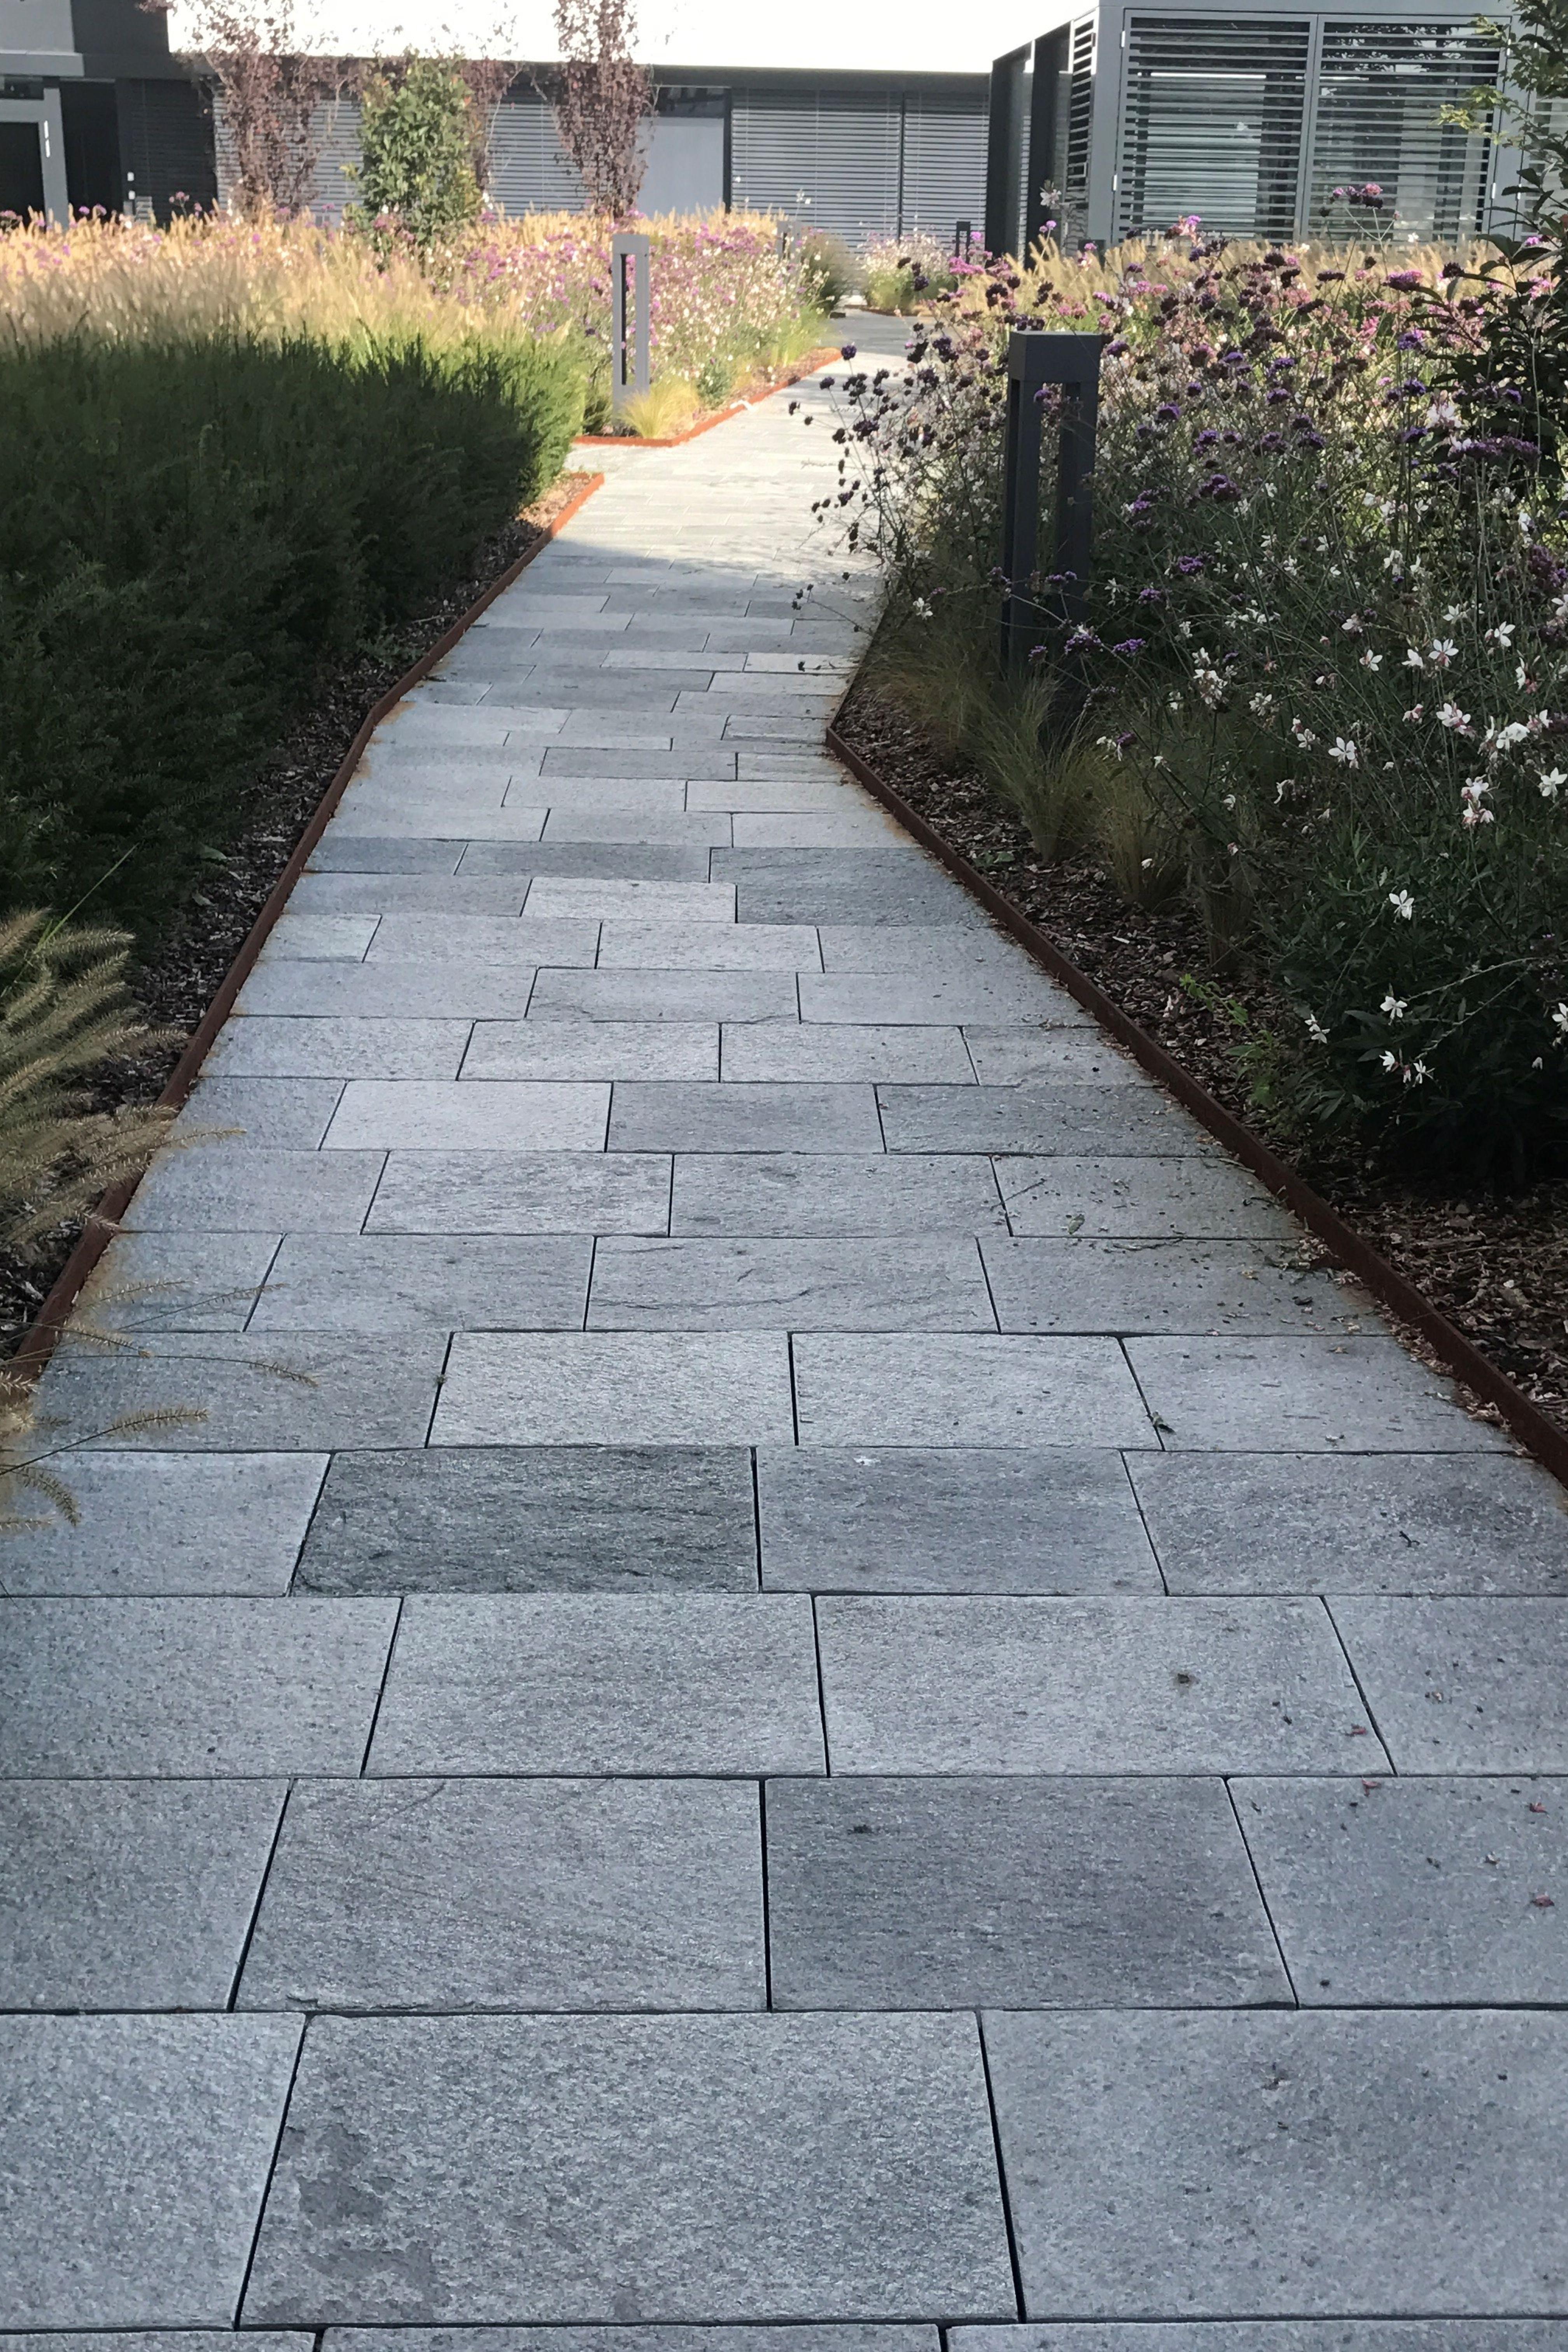 Gehweg Mit Bodenplatten Aus Naturstein Gehweg Naturstein Terrasse Terrasse Bepflanzen